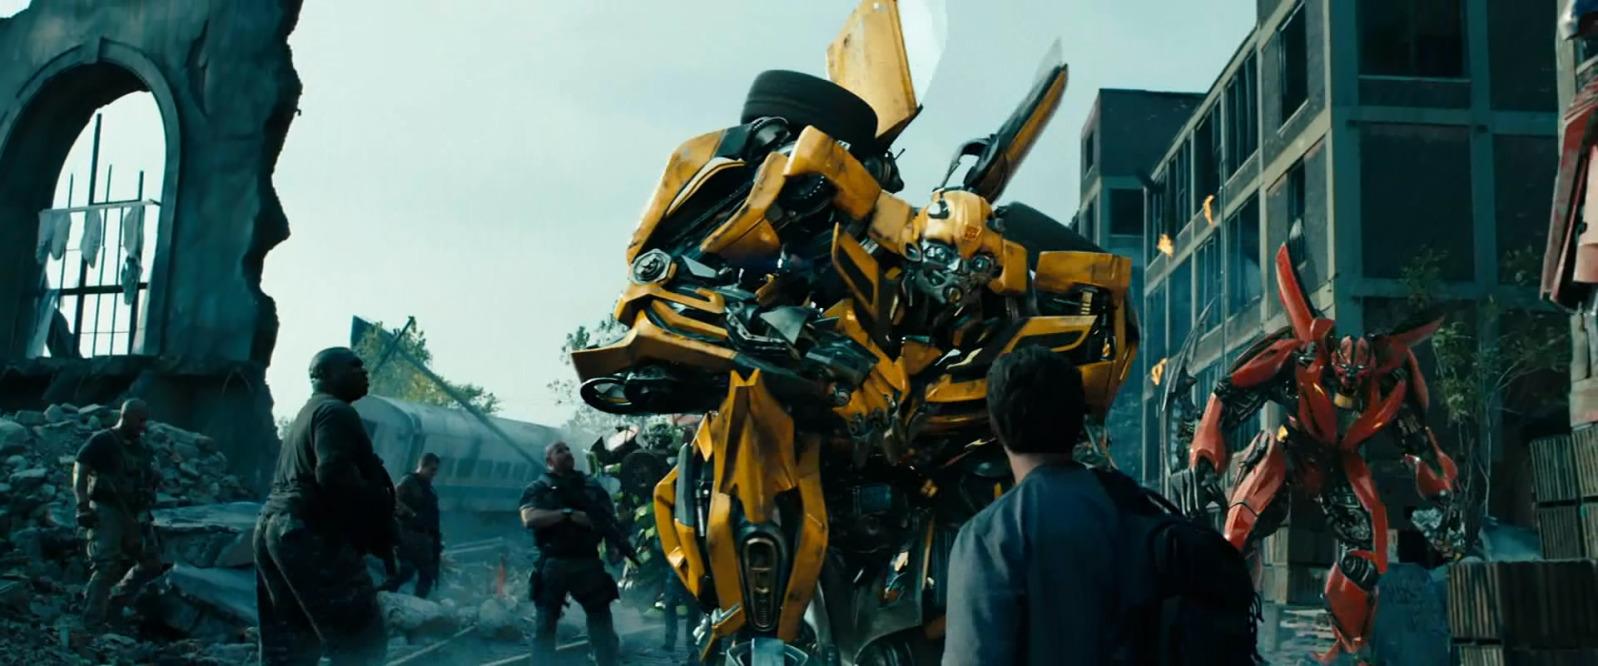 image - breturns | transformers movie wiki | fandom poweredwikia